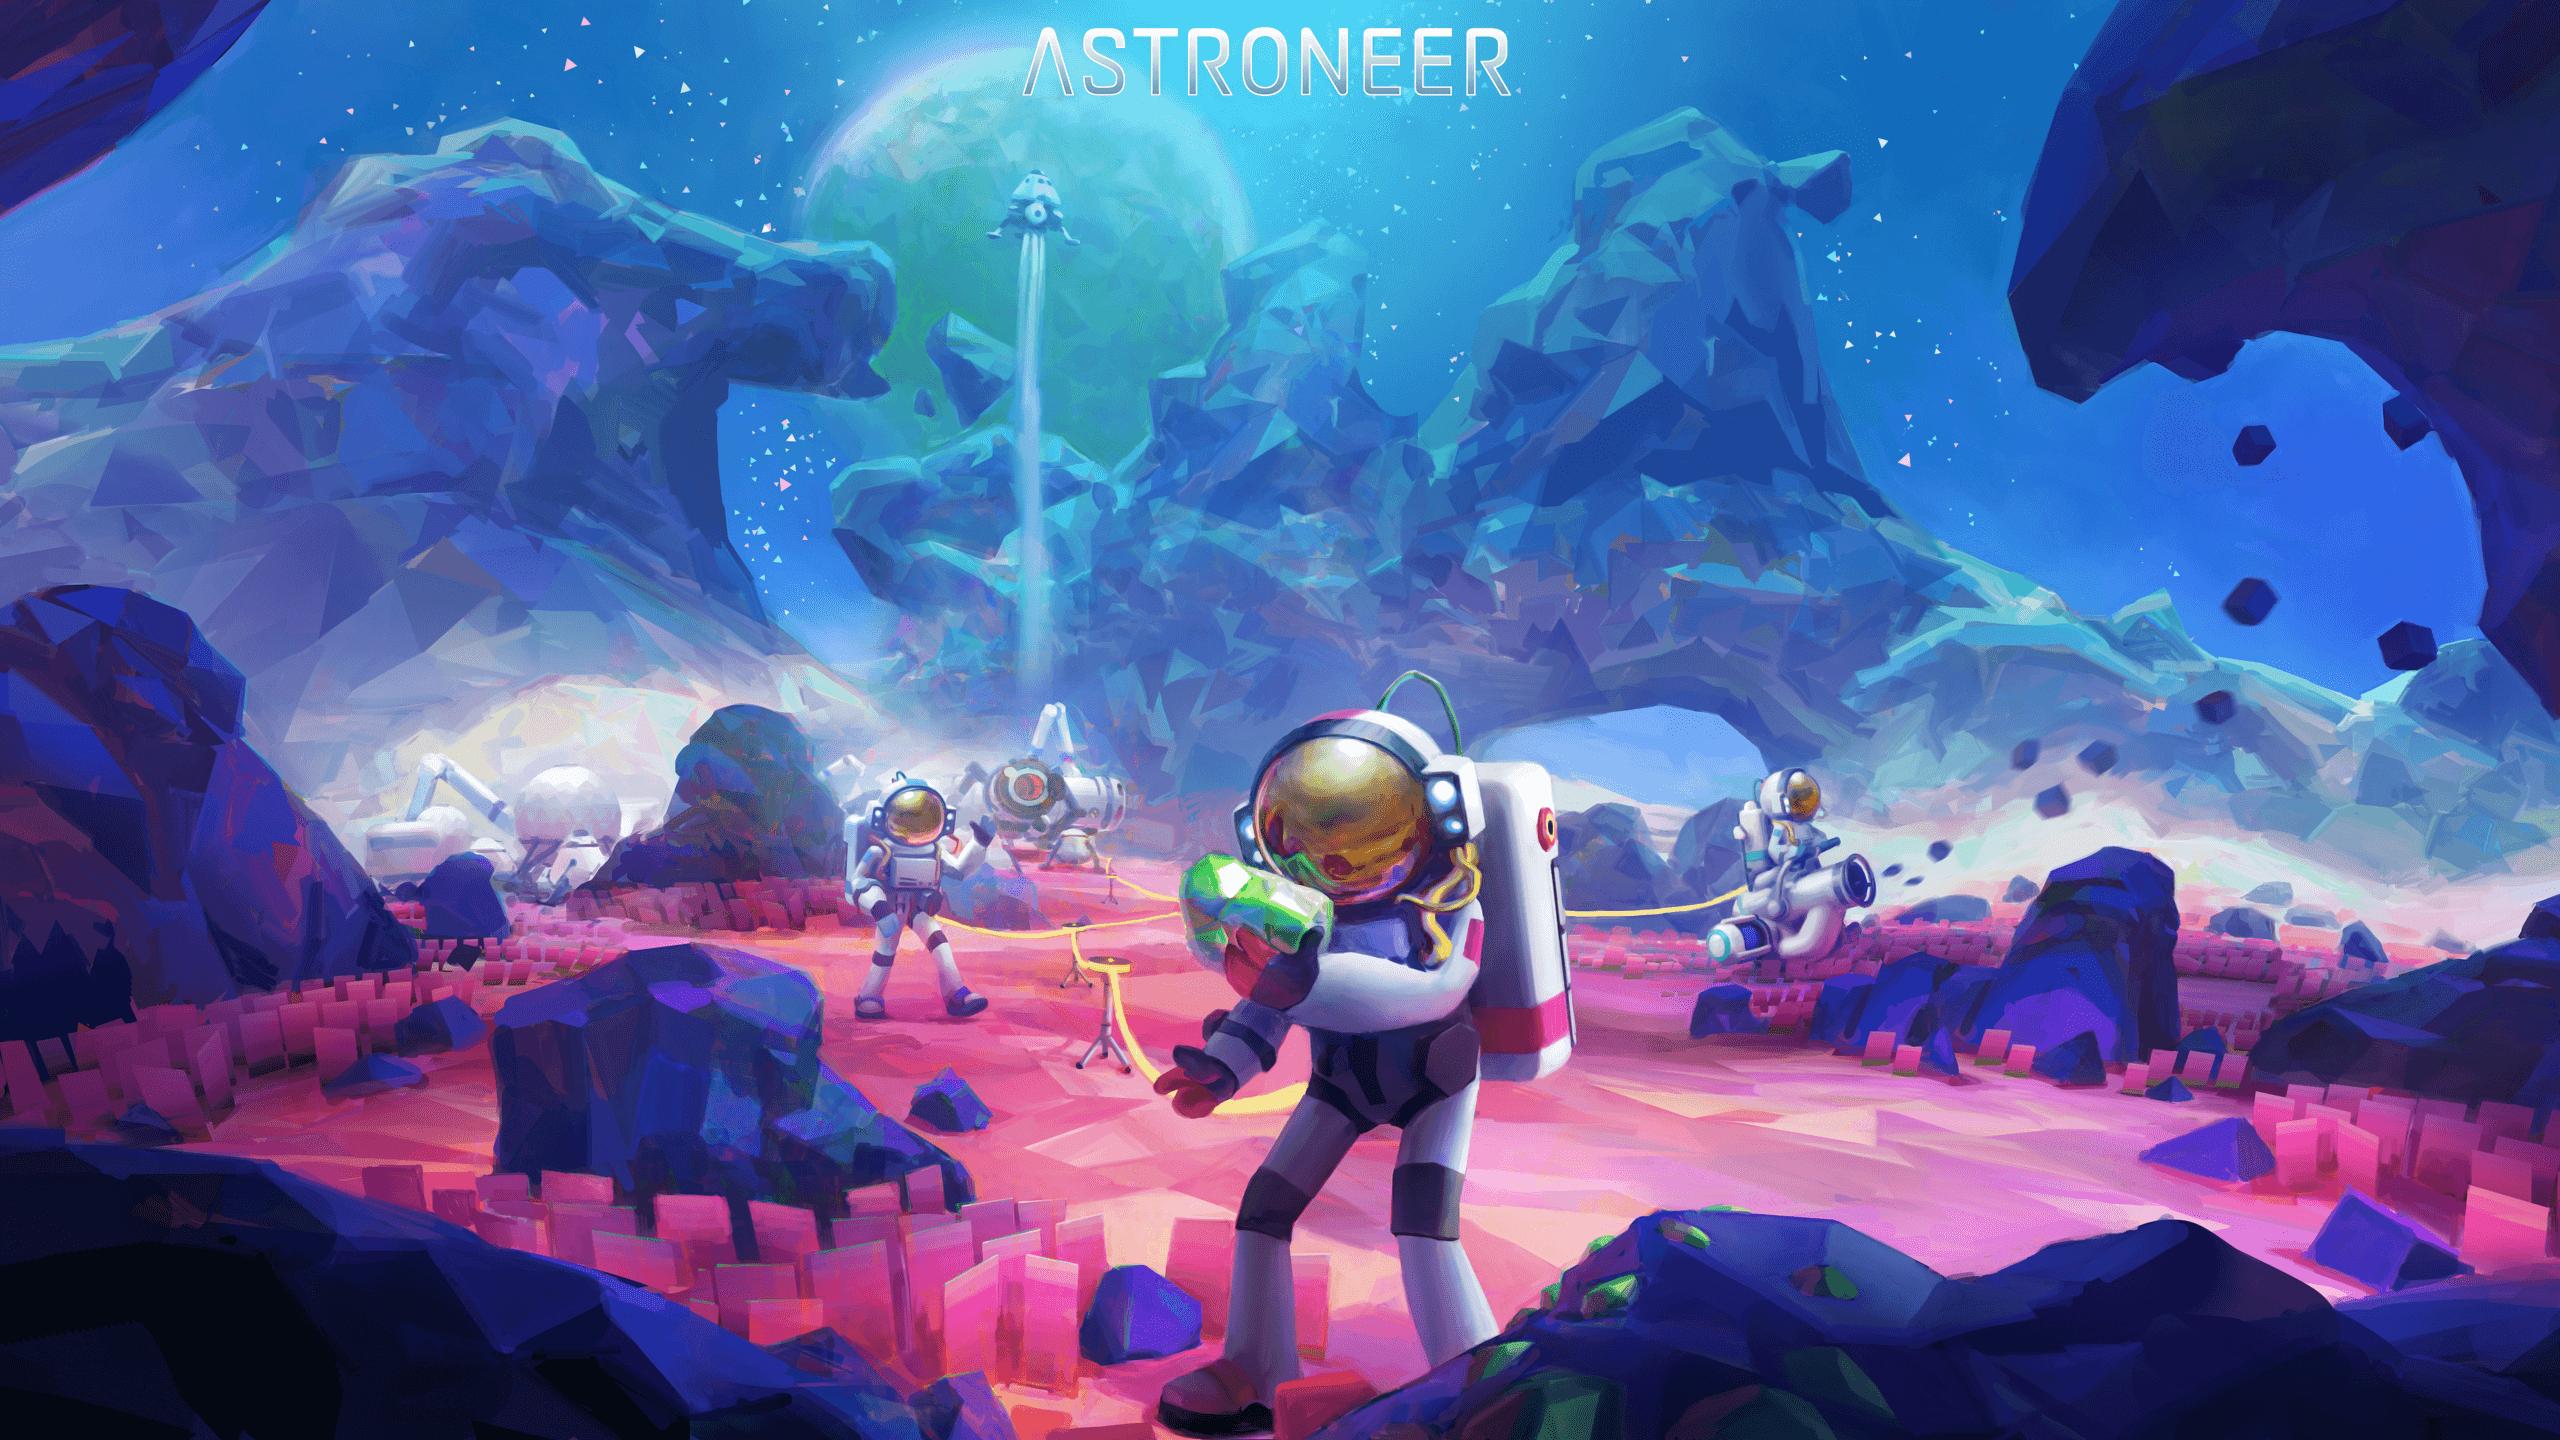 astroneer background hd wallpaper 69466